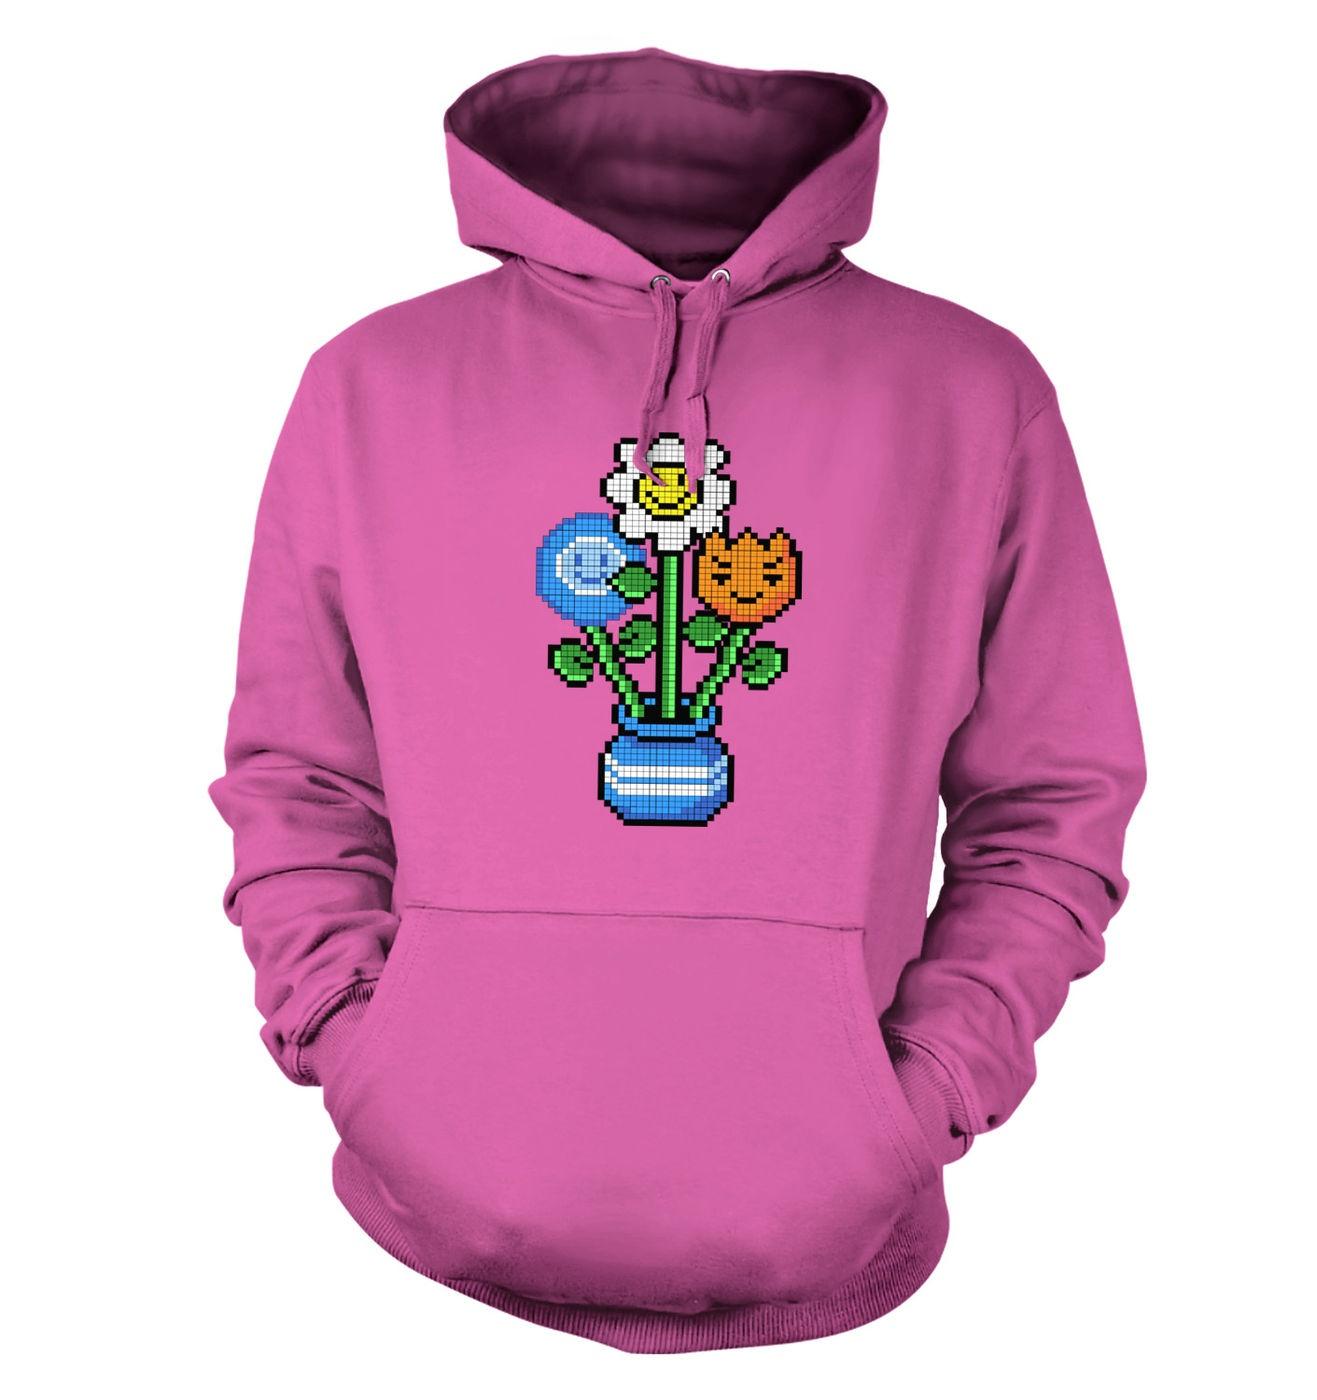 8-Bit Bouquet hoodie